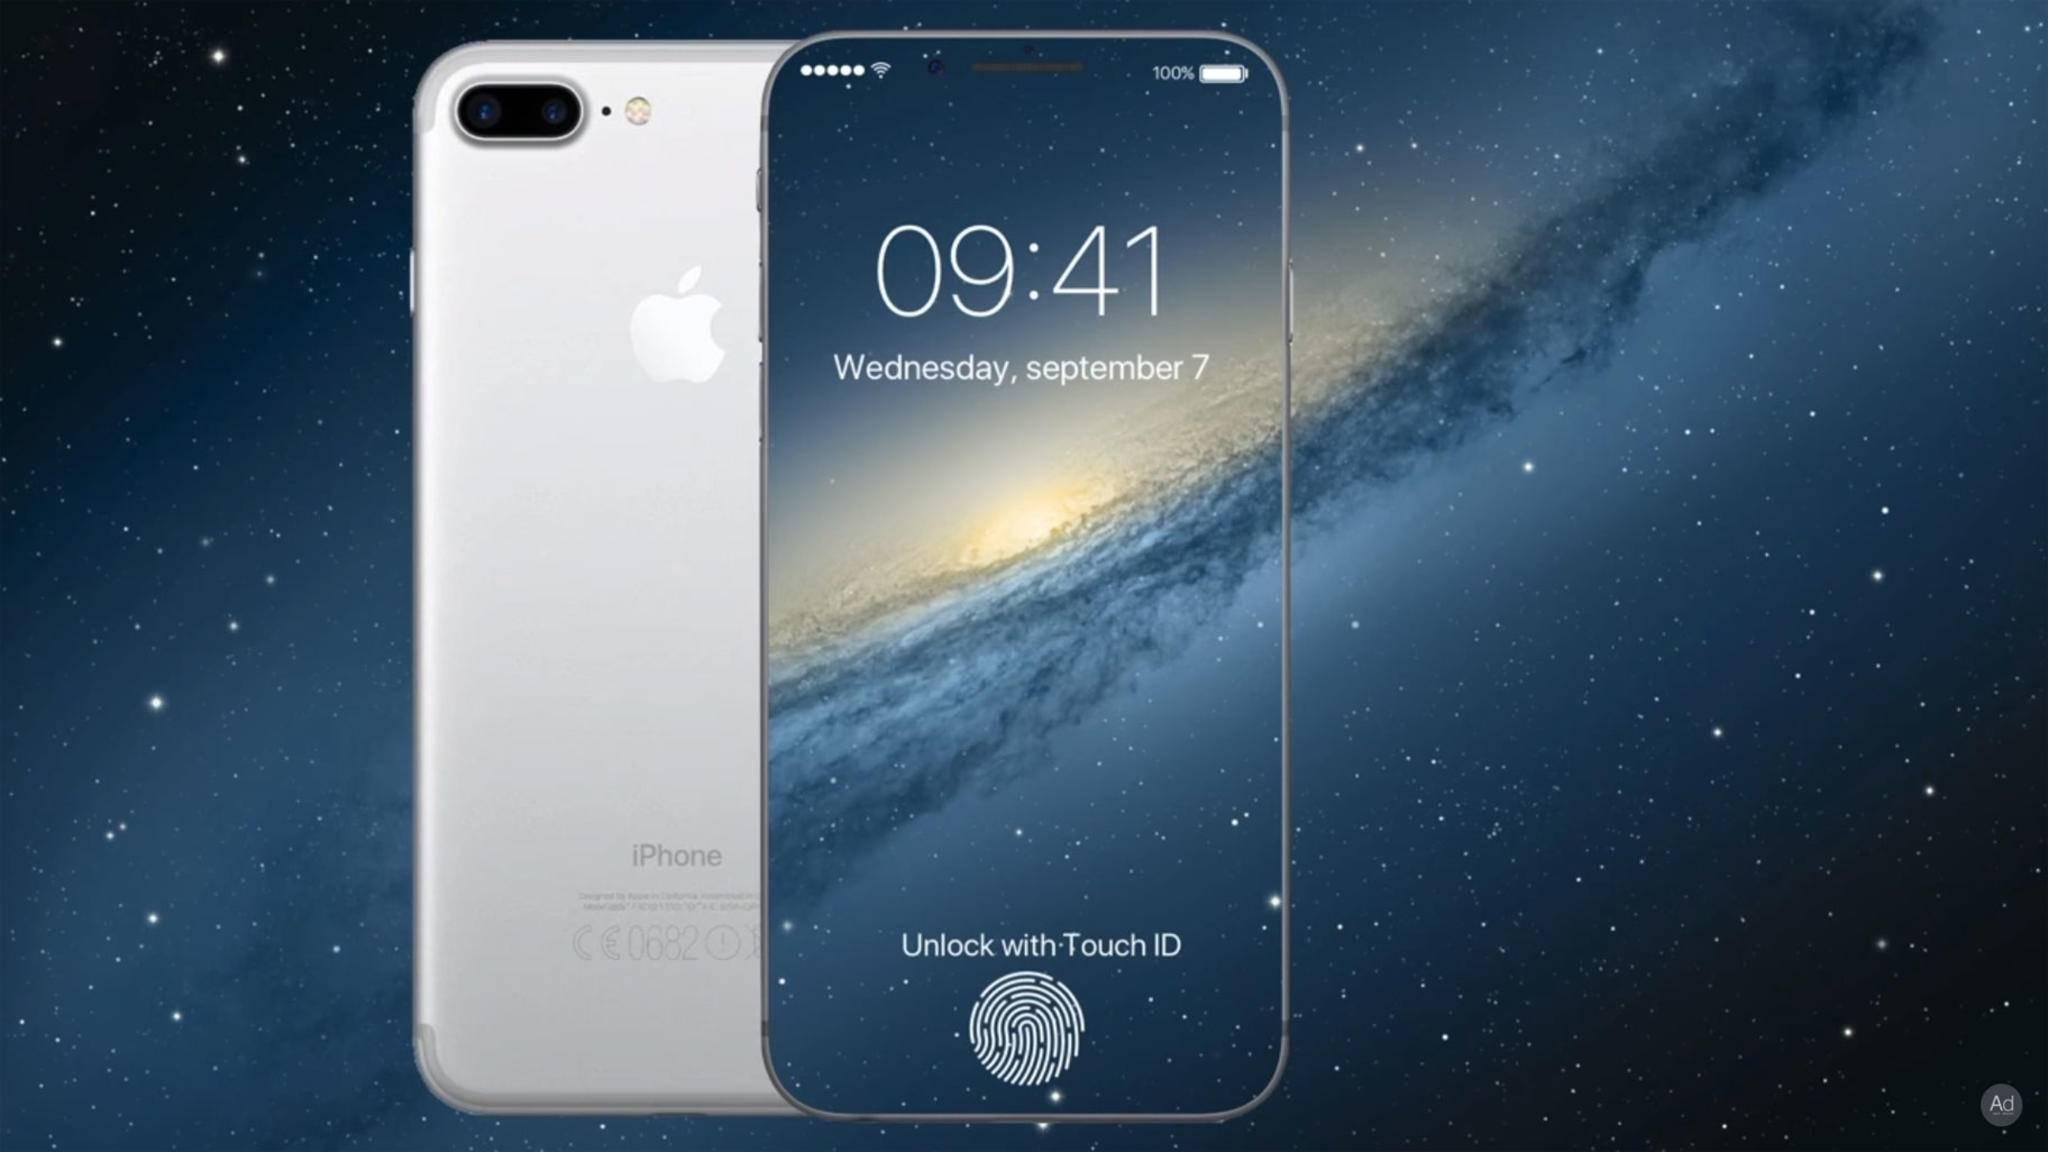 Das iPhone 8 (Konzeptbild) könnte in drei Wochen endlich enthüllt werden.